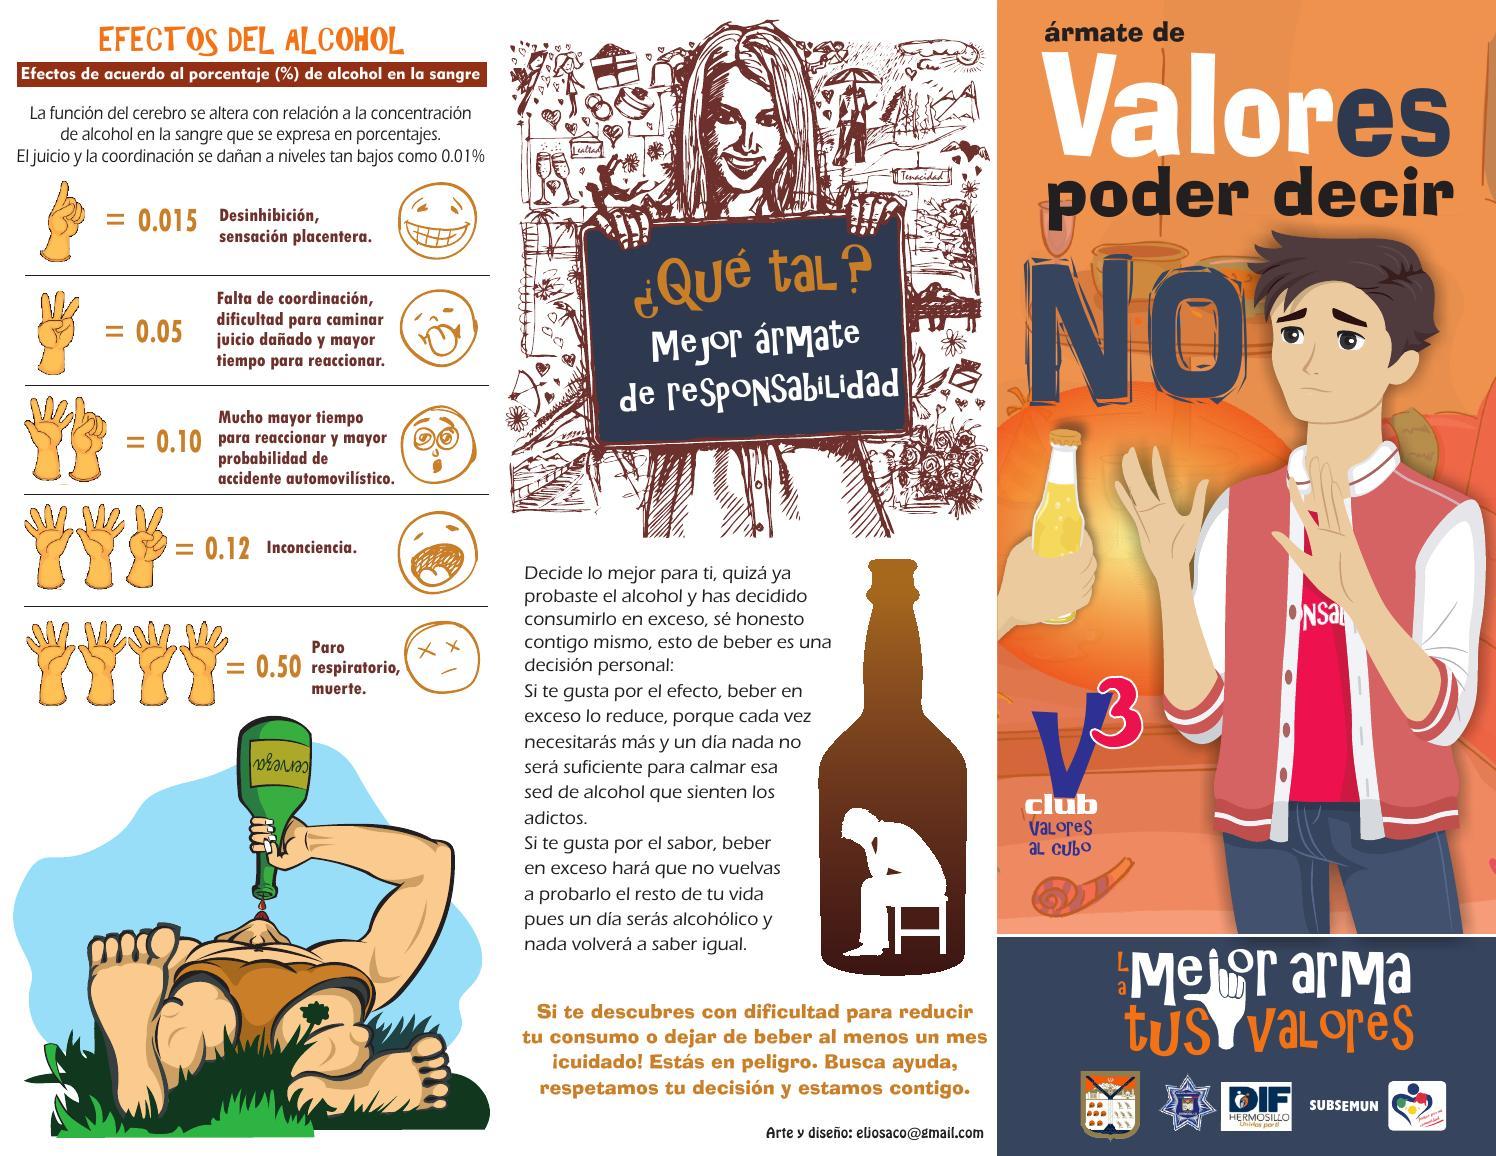 Las causas del alcoholismo y la consecuencia